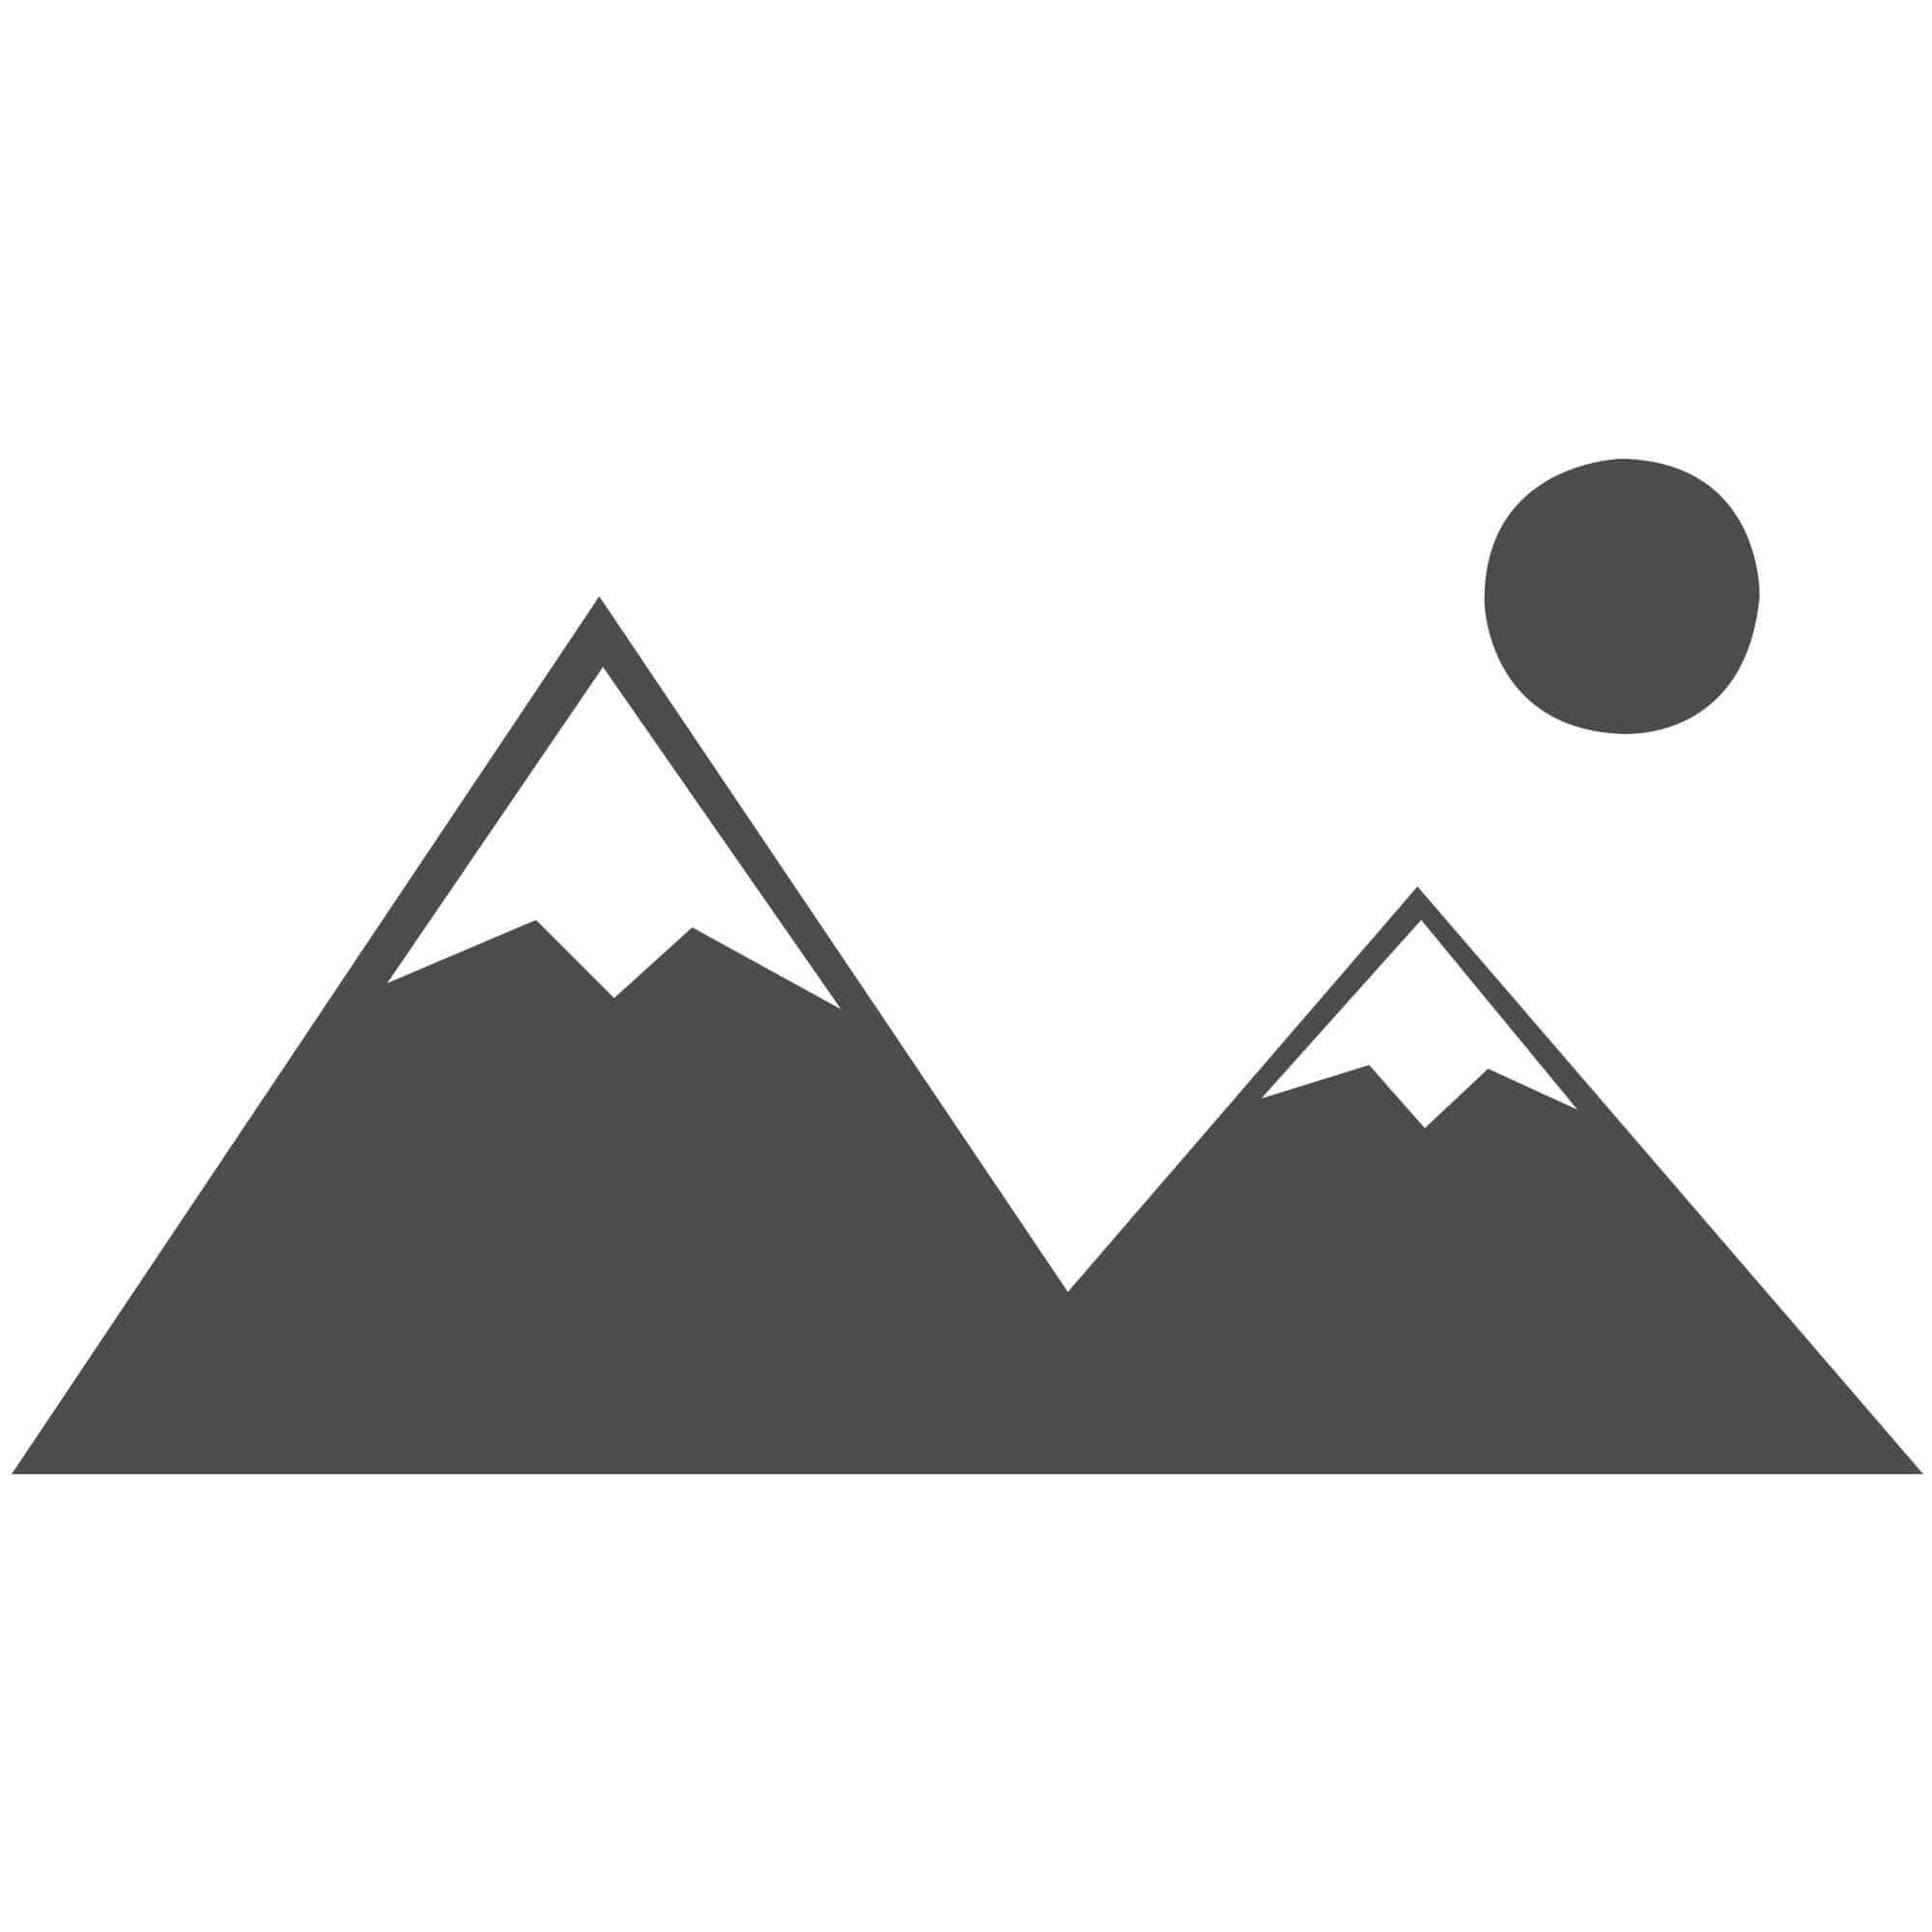 Velvet Shaggy Rug - Natural - Size Runner 60 x 230 cm